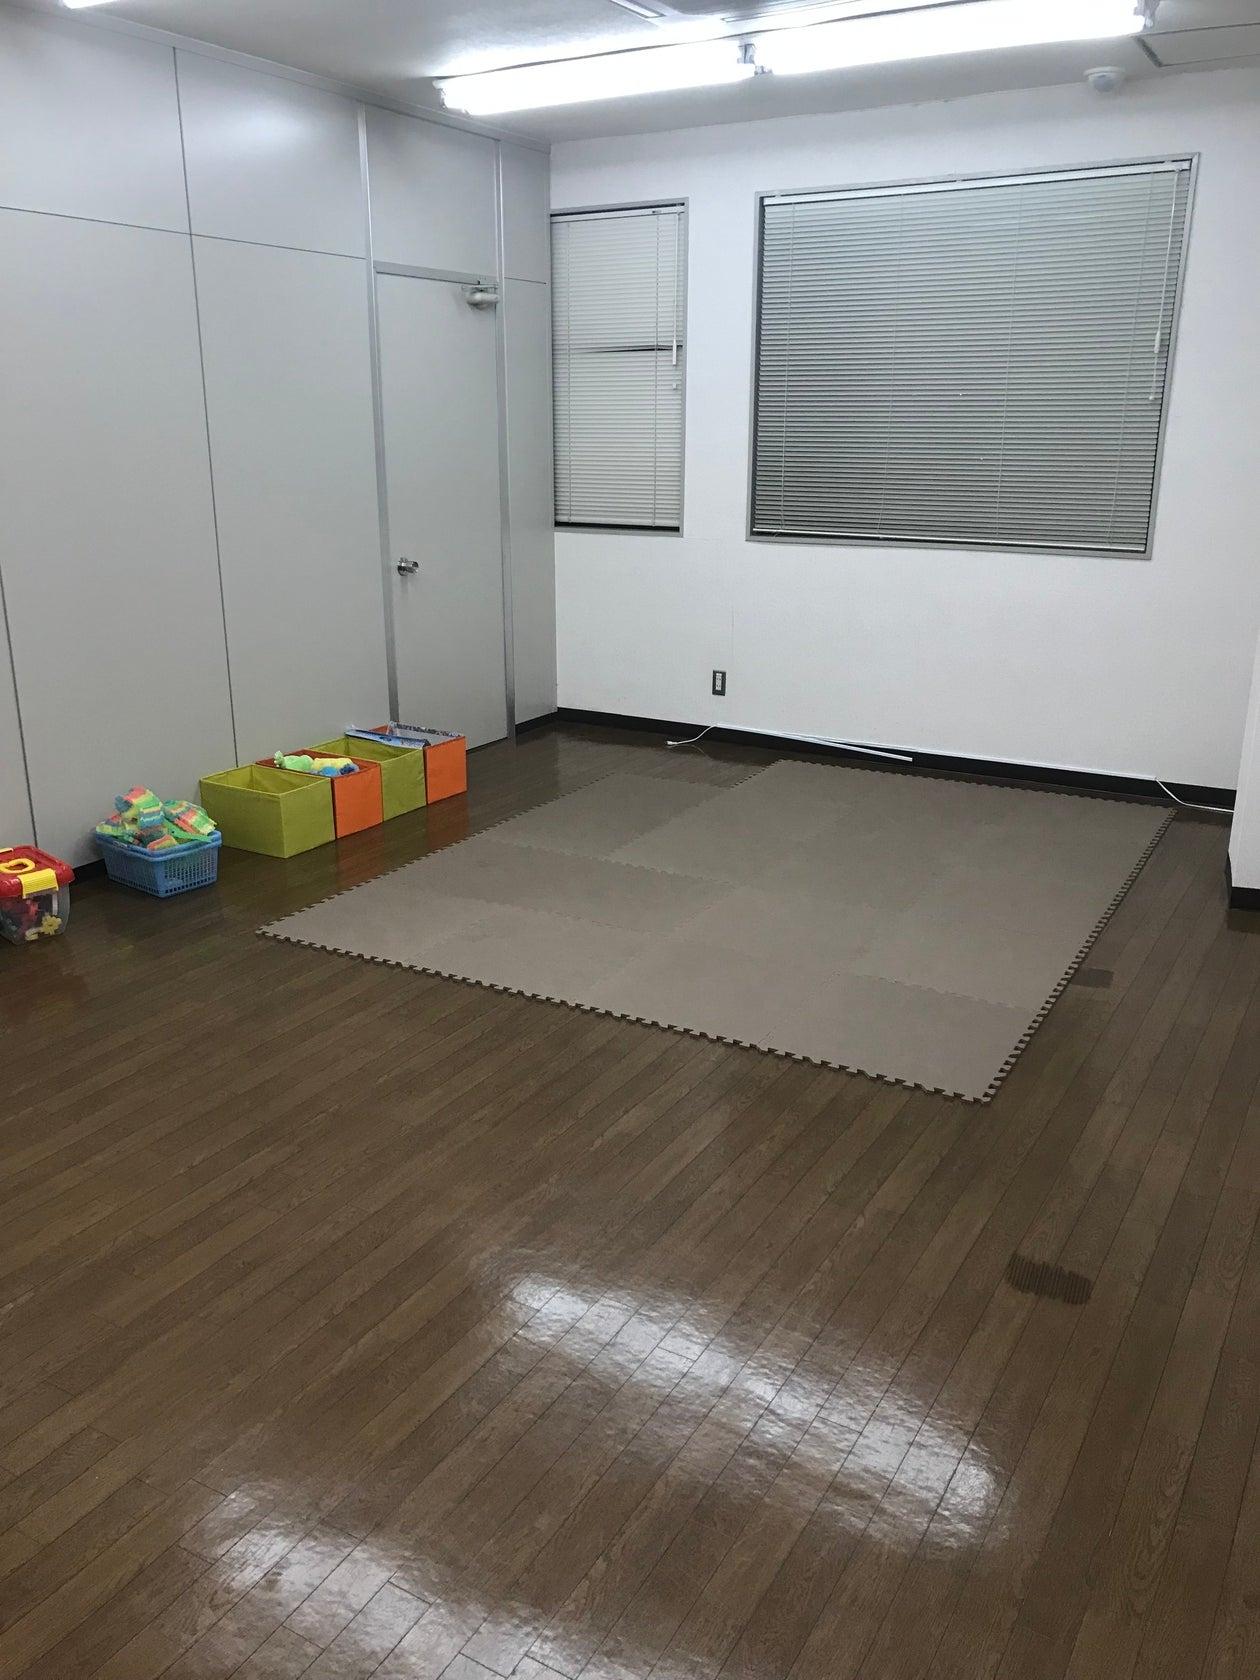 最大20名収容の日当たりが良い快適な空間!!駐車場30台完備。研修、会議、塾、倉庫、事務所などで使用できる多目的ルームです! の写真